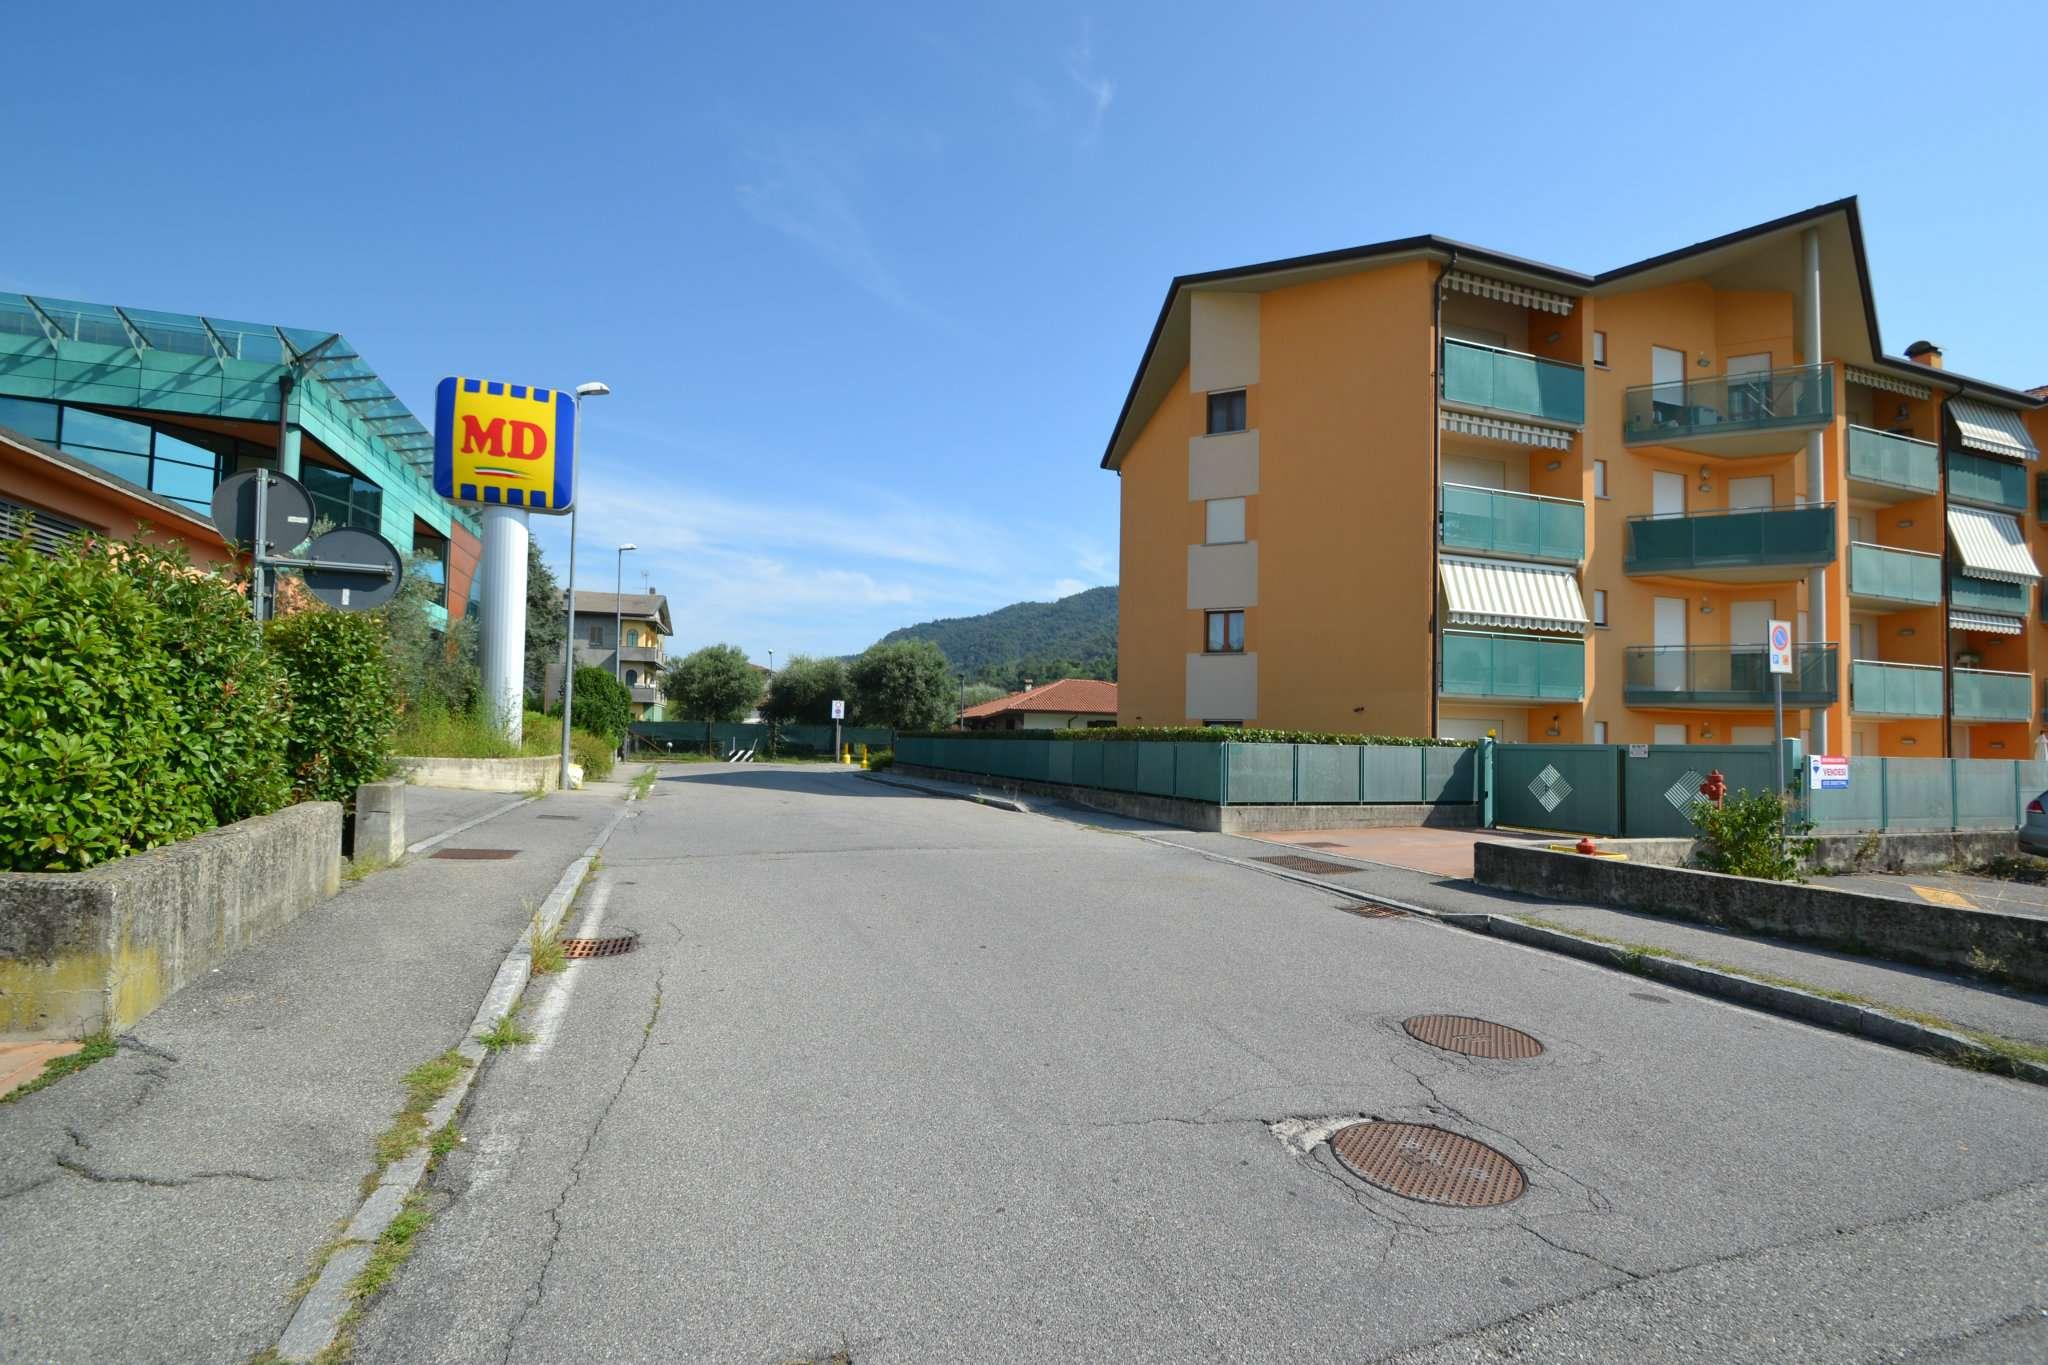 Appartamento in vendita a Cisano Bergamasco, 3 locali, prezzo € 164.000 | PortaleAgenzieImmobiliari.it